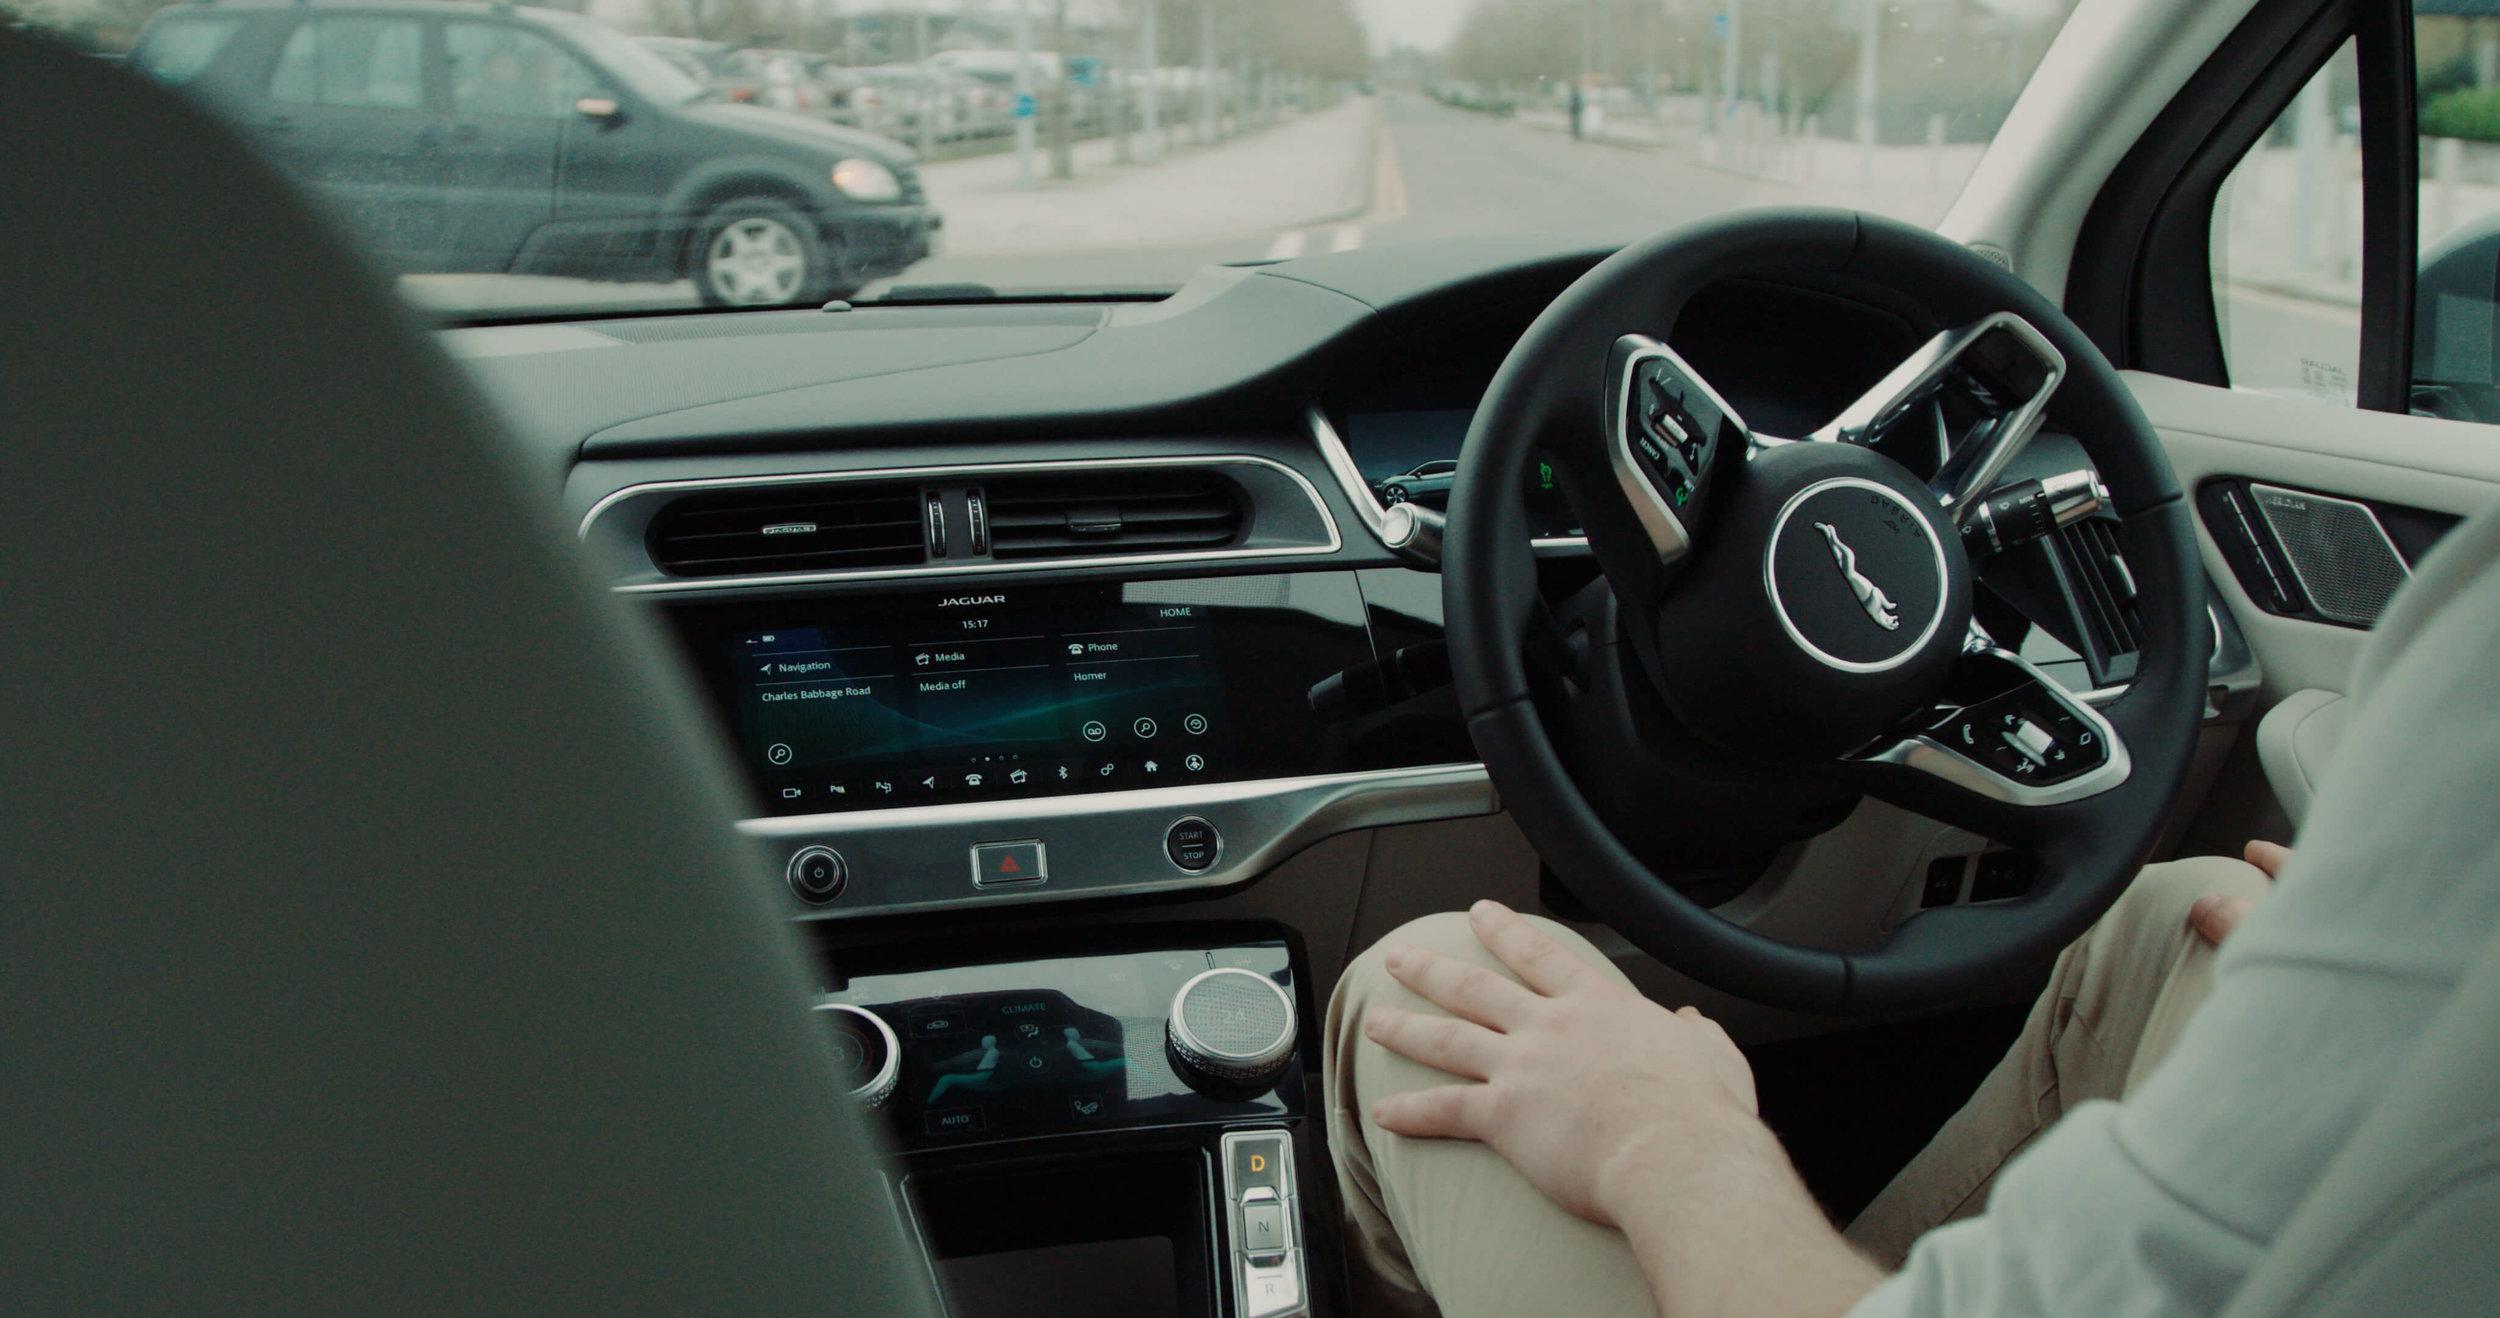 wayve-self-driving-cars-jaguar-interior.jpg